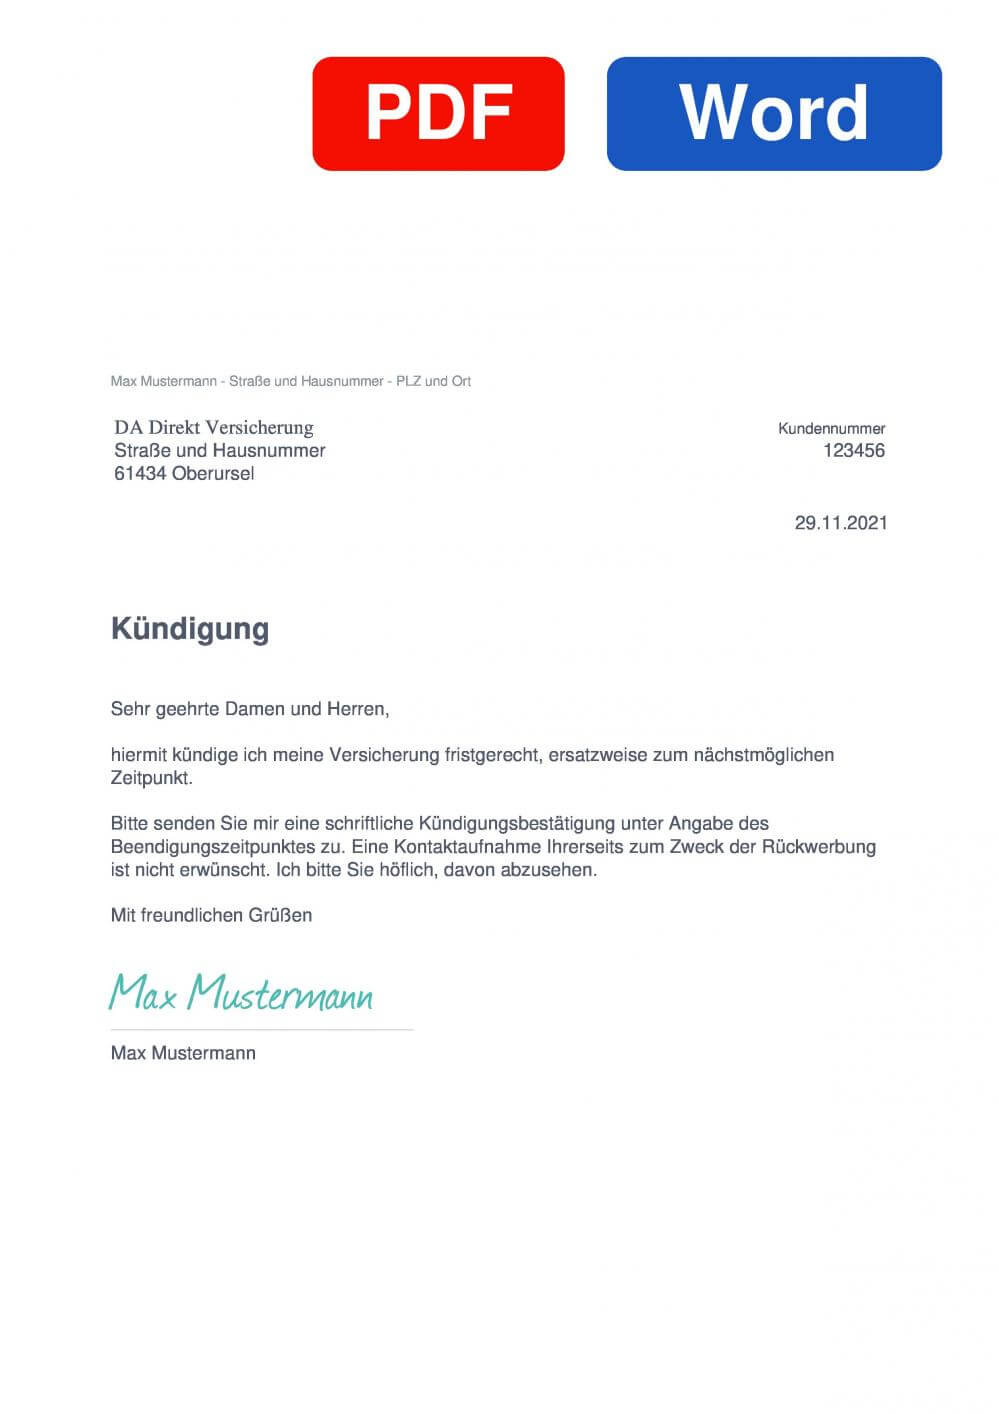 DA Direkt Haftpflichtversicherung Muster Vorlage für Kündigungsschreiben